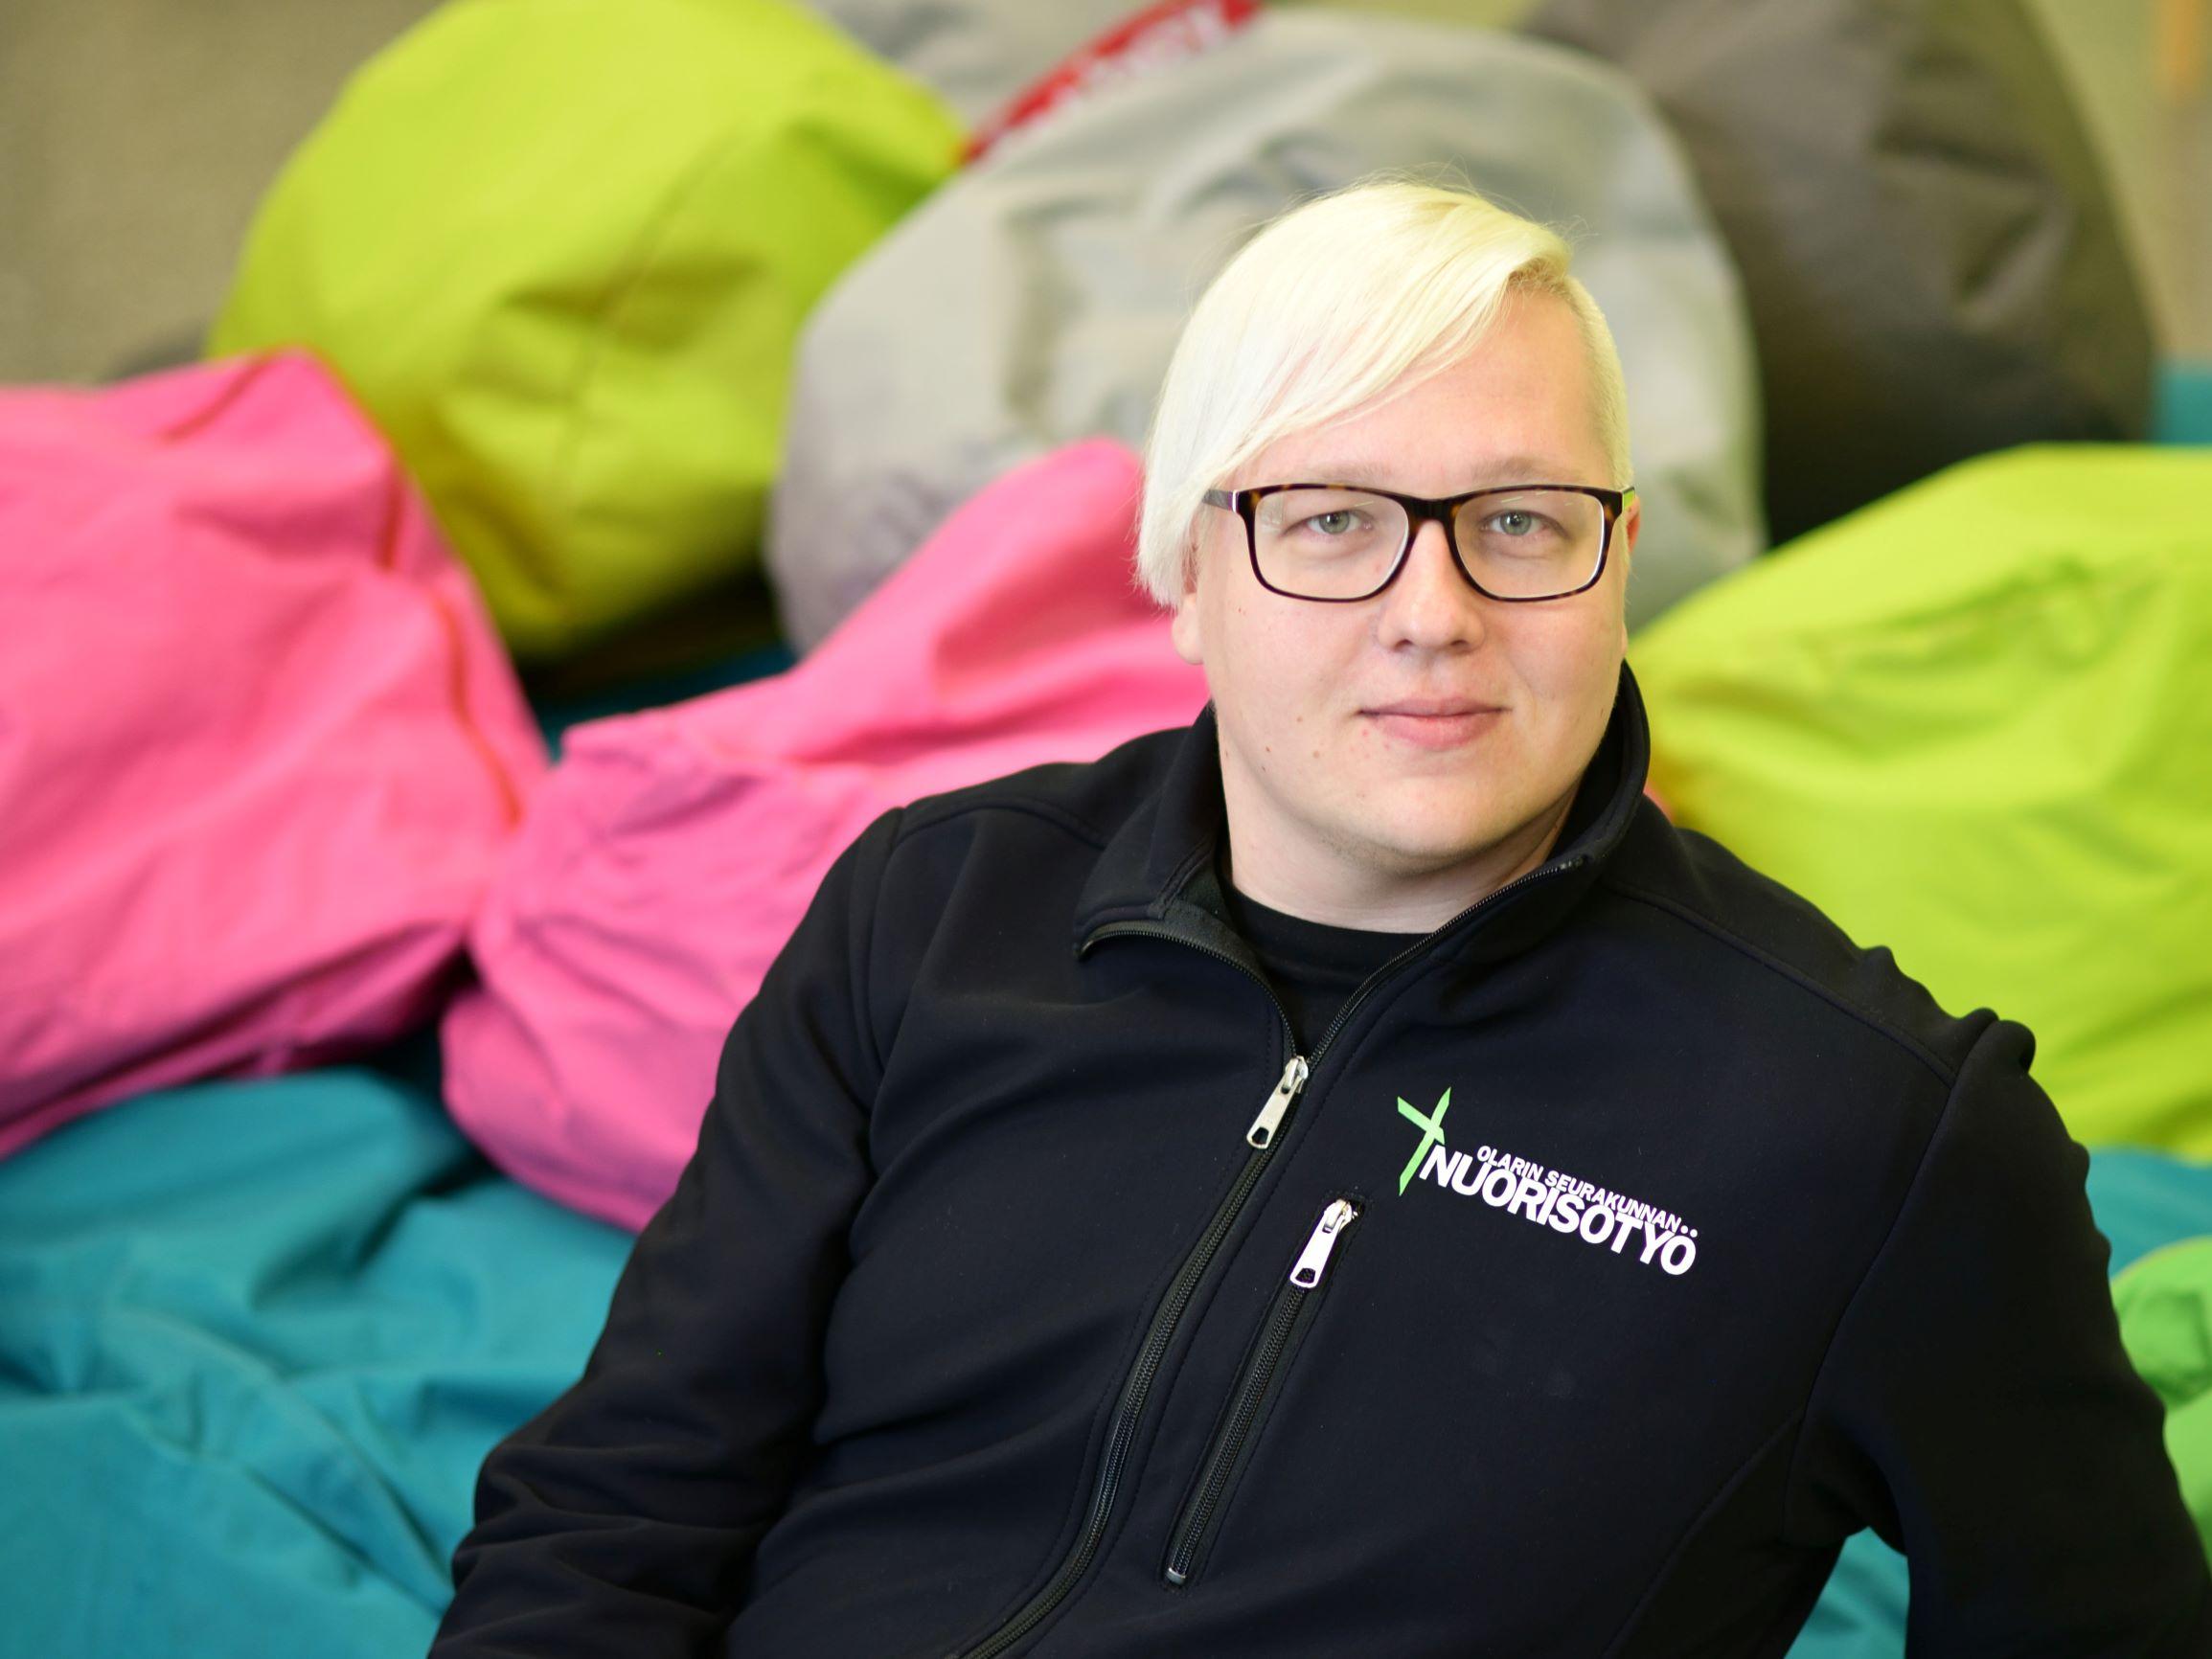 Silmälasipäinen Juha Pohjois-Koivisto nuorisotyön mustassa takissa. Taustalla värikkäitä fatboy tyynyjä.